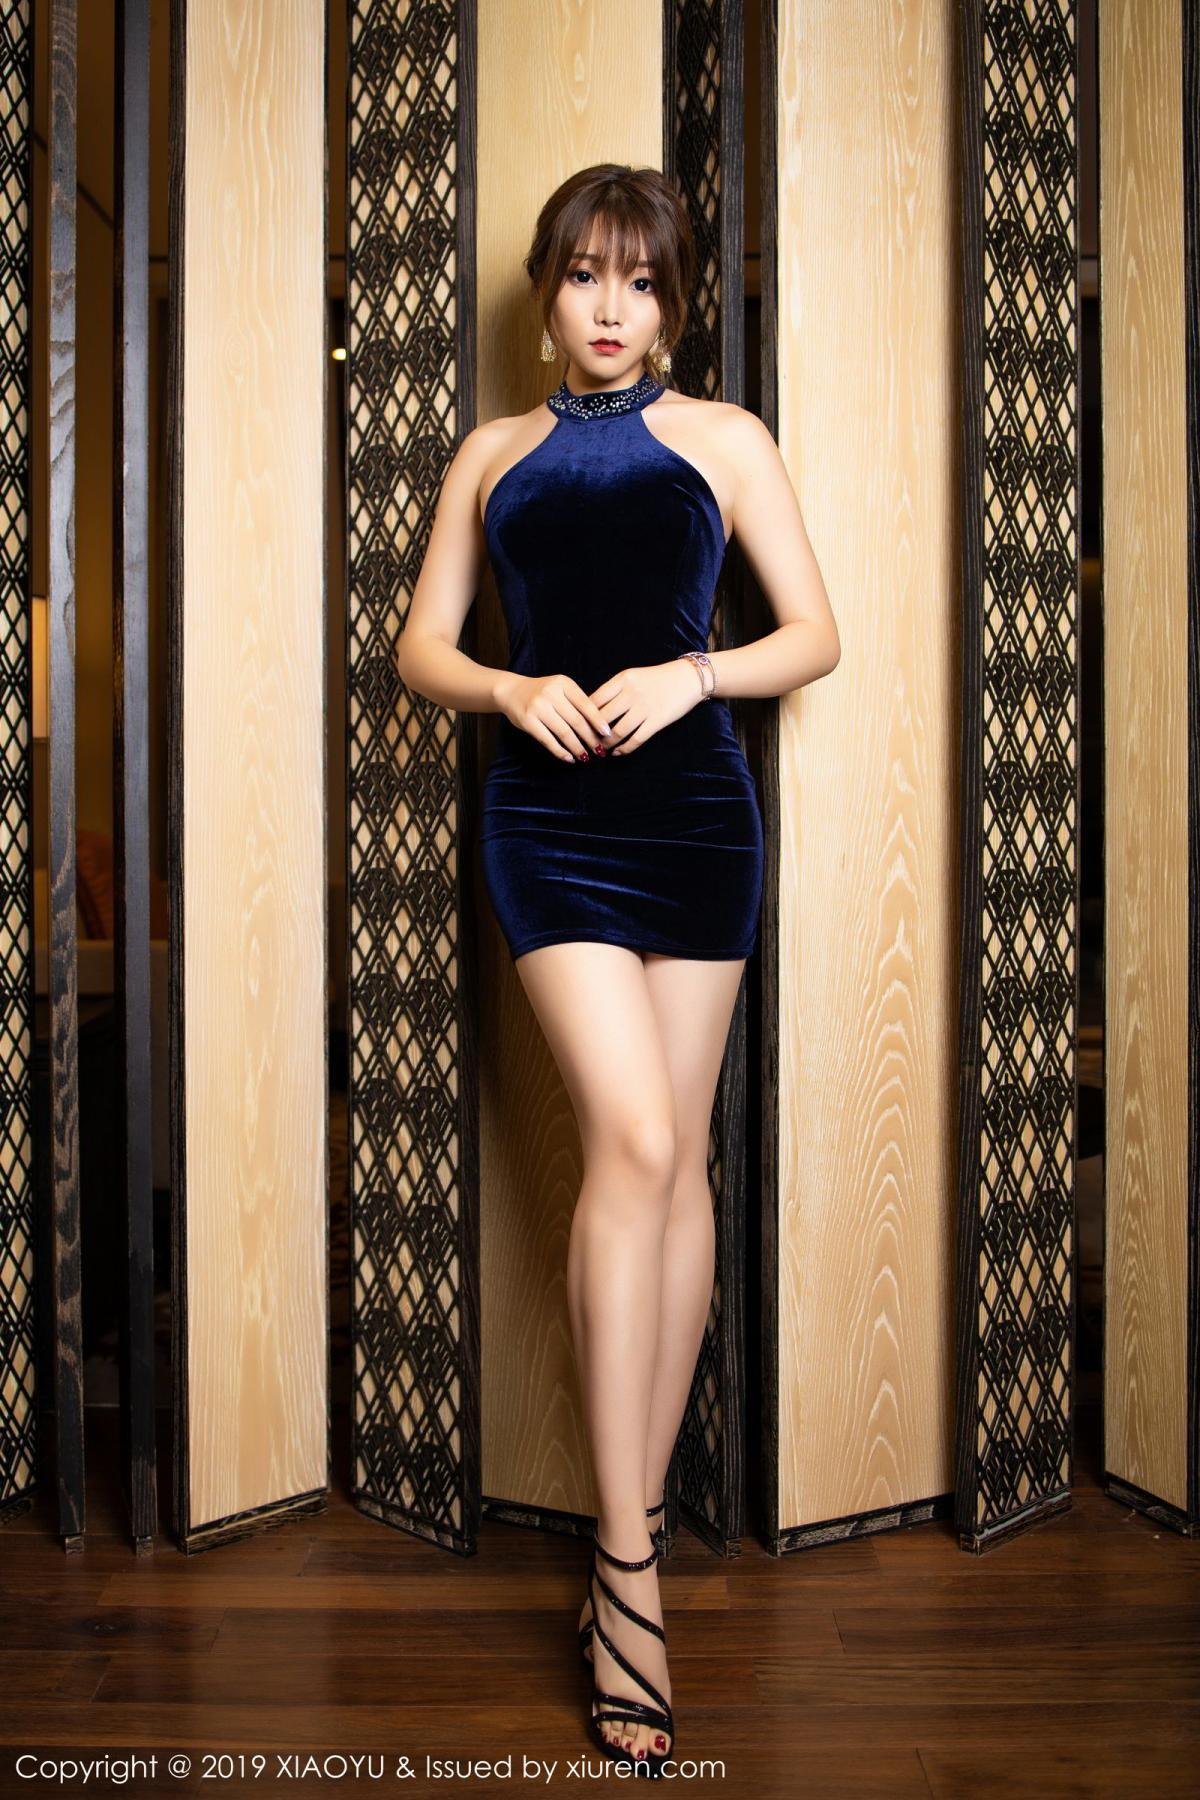 [XiaoYu] Vol.192 Chen Zhi 2P, Chen Zhi, Cheongsam, Tall, XiaoYu